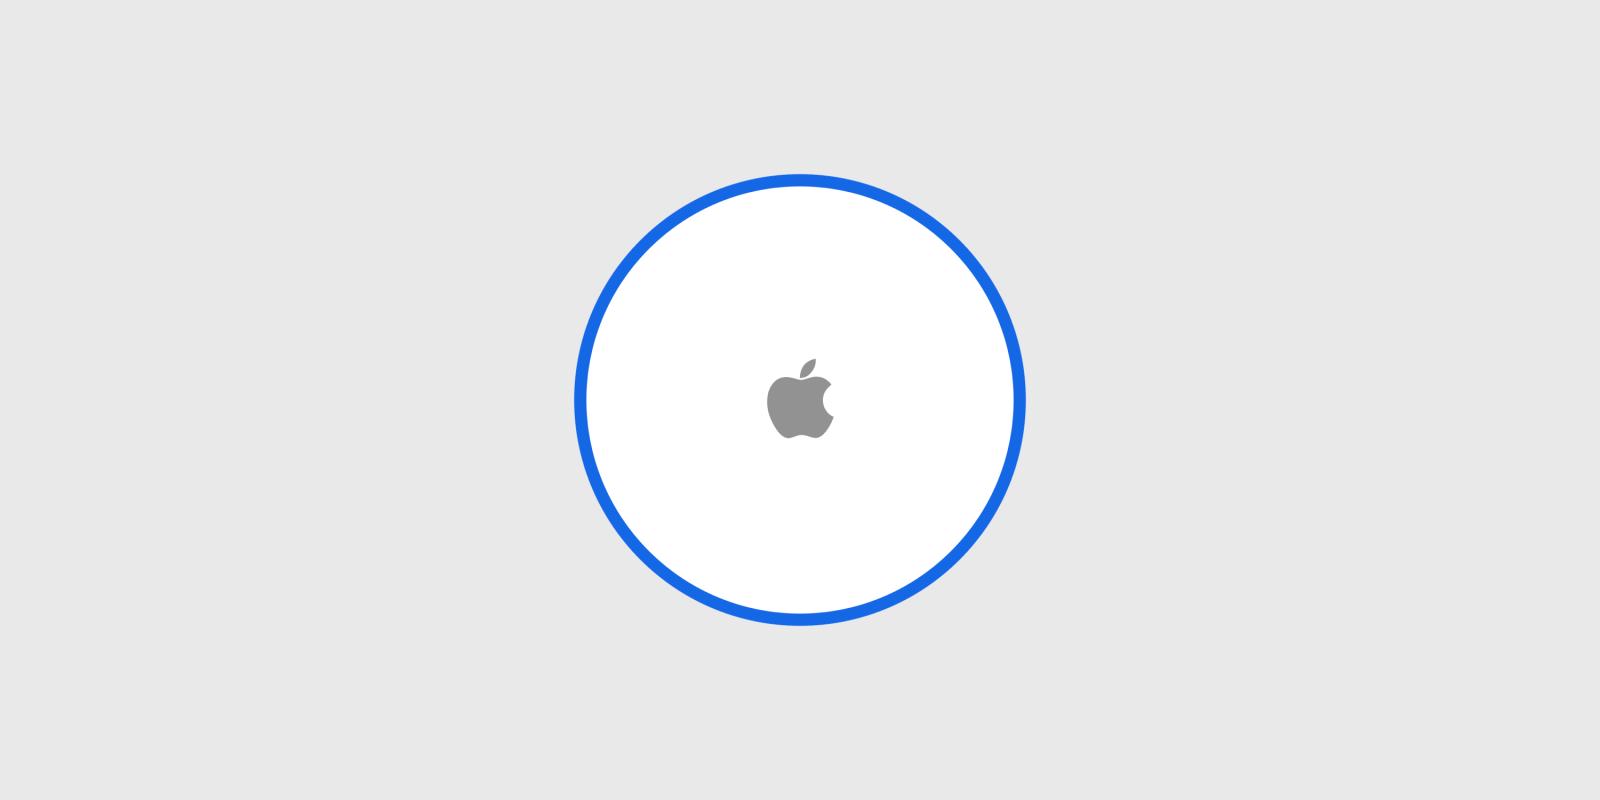 Cuối cùng thiết bị theo dõi vị trí đồ vật Apple Tags của Apple cũng sẽ trình làng vào quý 3 năm nay | Theo nhà phân tích Ming-Chi Kuo, người nổi tiếng với những dự đoán chính xác về các sản phẩm và dịch vụ sắp ra mắt của Apple trong thời gian qua, thiết bị theo dõi vị trí đồ vật Apple Tags của Apple cuối cùng cũng sẽ được công bố vào quý 3/2020, sau nhiều lần rò rỉ và lỡ hẹn.  Sau nhiều tháng rò rỉ với rất nhiều tin đồn khác nhau, có thể Apple sẽ sản xuất hàng chục triệu thiết bị theo dõi vị trí sử dụng kết nối băng tần siêu rộng (với tên gọi là AirTags hoặc Apple Tags) trong năm 2020, và có thể tung ra vào quý 3 – theo dự đoán của nhà phân tích Ming-Chi Kuo (được trang tin 9to5Mac dẫn lại). Sự tồn tại của thiết bị Apple Tags (hoặc AirTags) đã bị rò rỉ bởi rất nhiều nguồn tin vào năm ngoái. Những hình ảnh về một thiết bị theo dõi Bluetooth tương tự như các thiết bị Tile, sử dụng sóng băng tần siêu rộng tương tự như dòng điện thoại iPhone 11 mới nhất của Apple và sẽ được